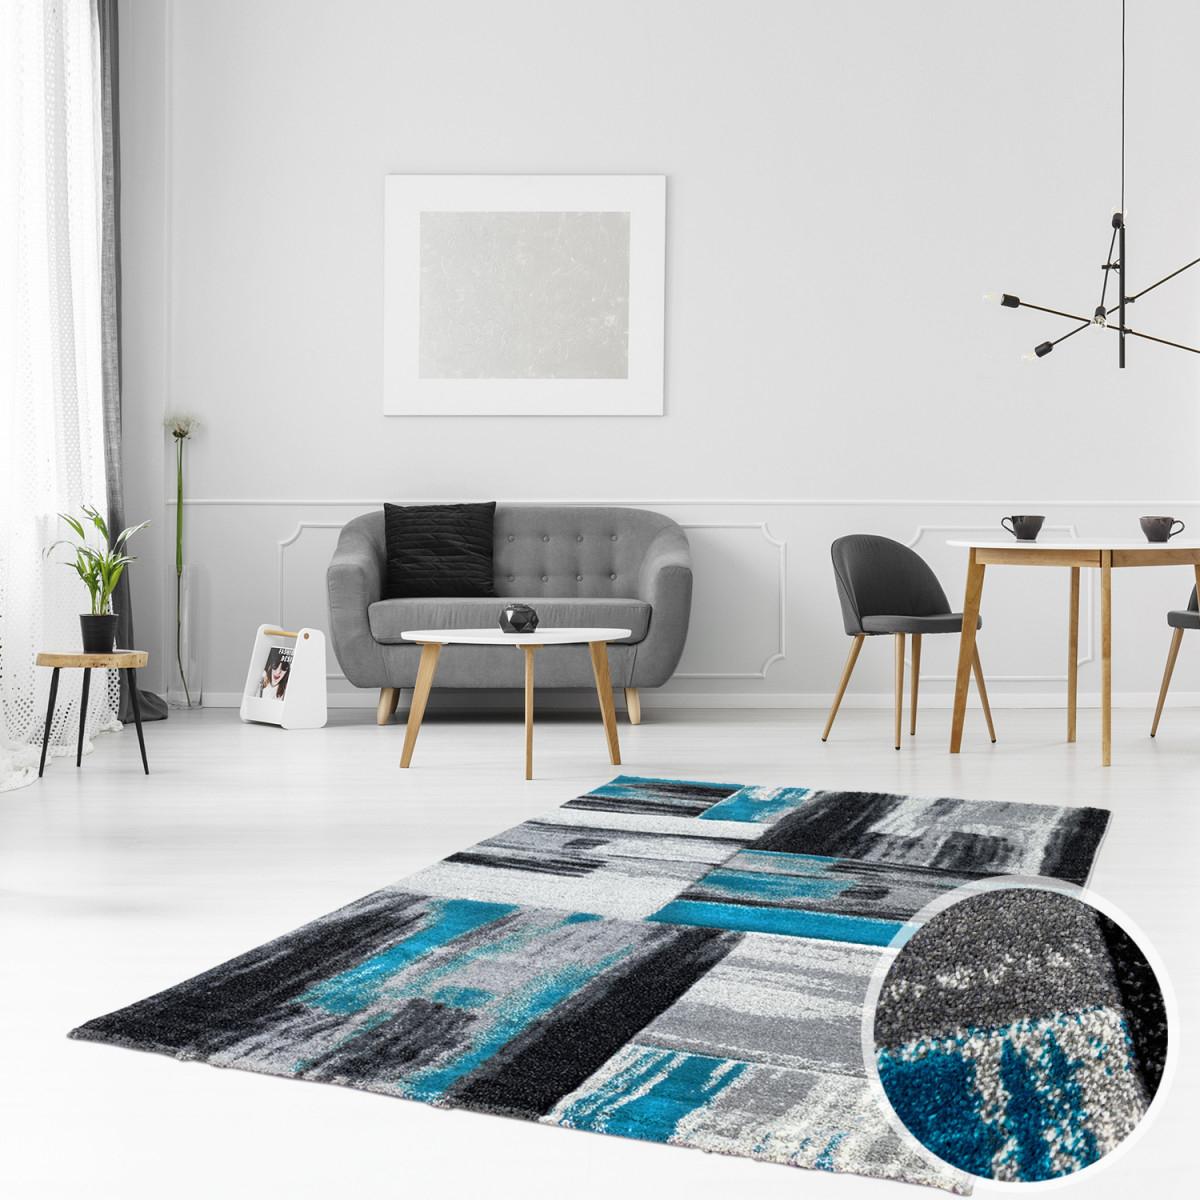 Teppich Modern Flachflor Konturenschnitt Hand Carving Meliert Streifen In  Blau Grau Für Wohnzimmer Schlafzimmer Größe In Cm160 X 230 Cm von Teppich Wohnzimmer Blau Photo